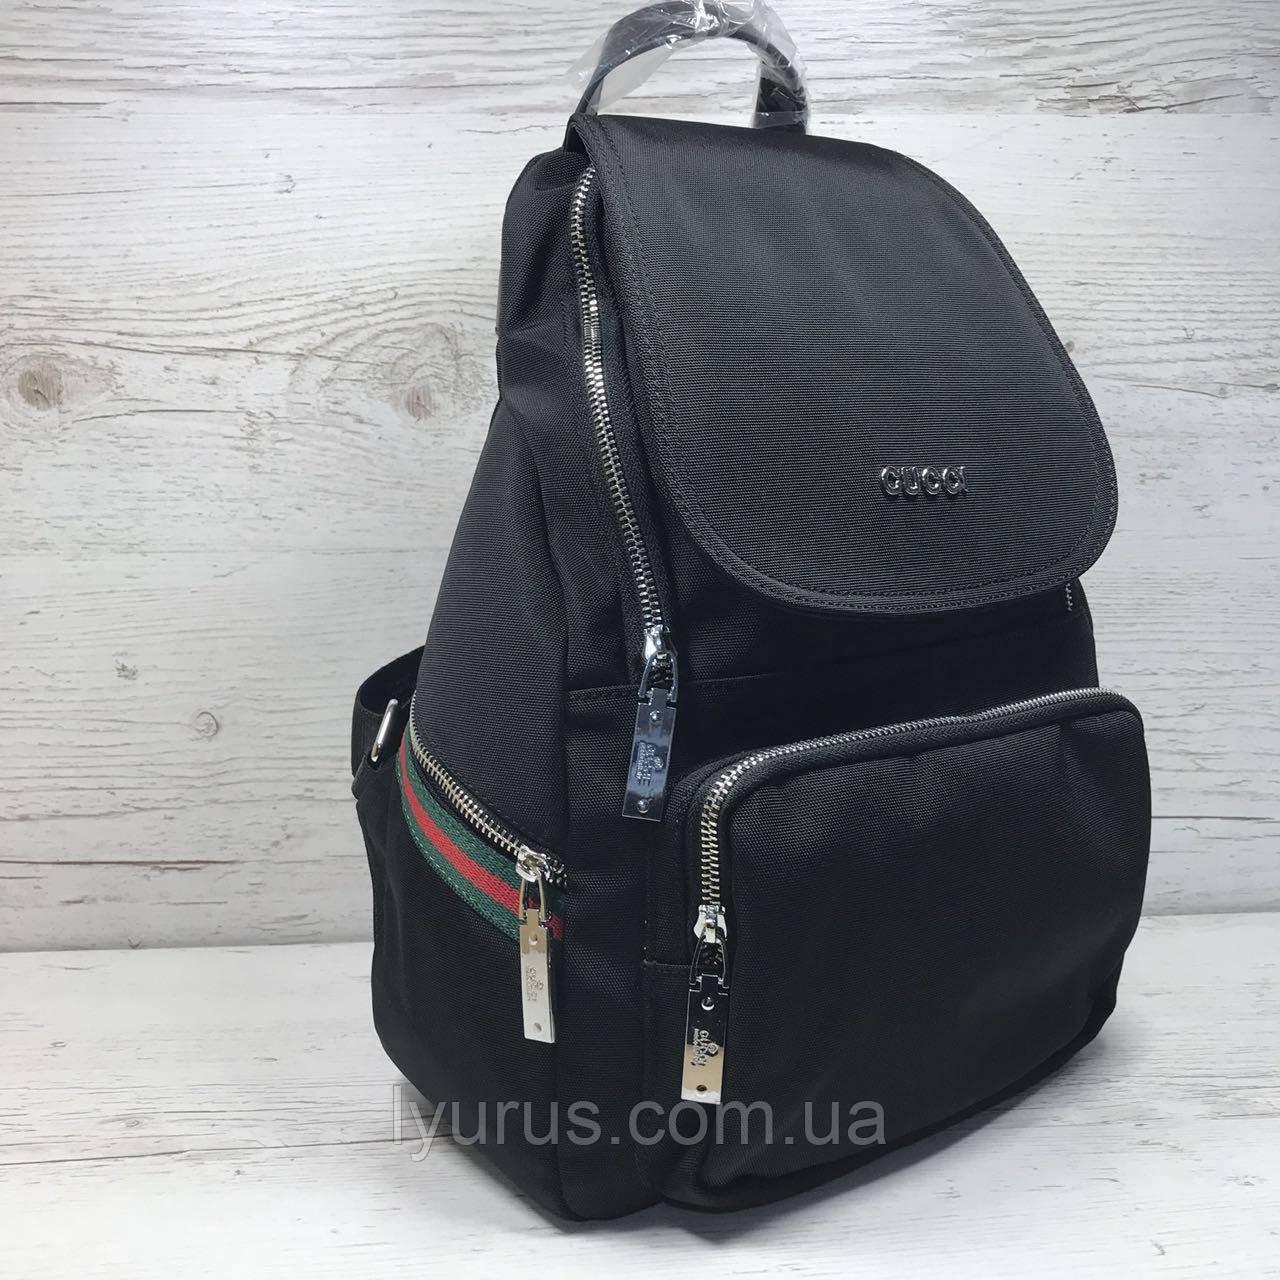 Женский рюкзак Gucci из плащевки